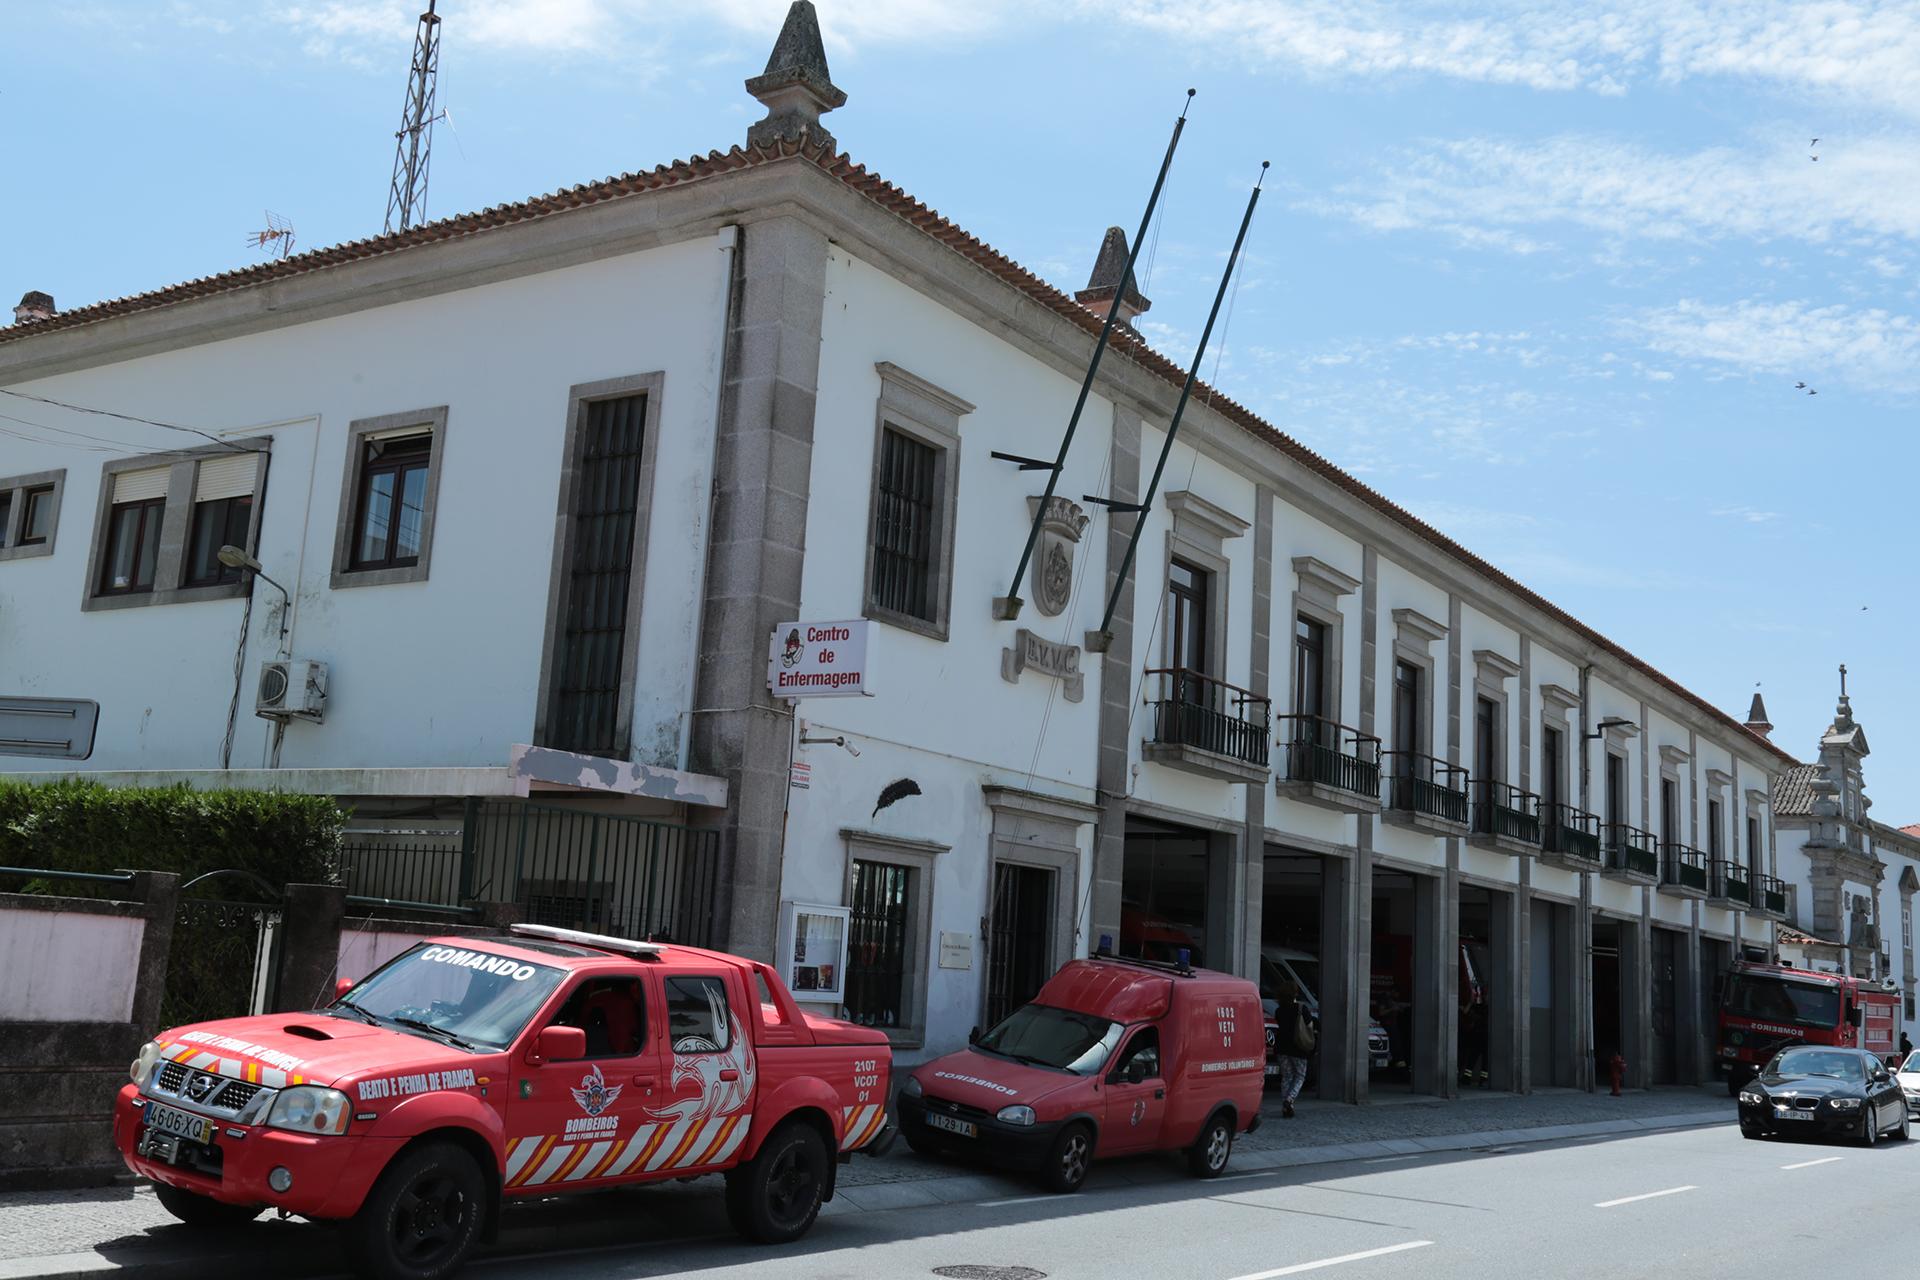 Julgamento de caso de alegado assédio moral por Bombeiros Voluntários de Viana começa quinta-feira